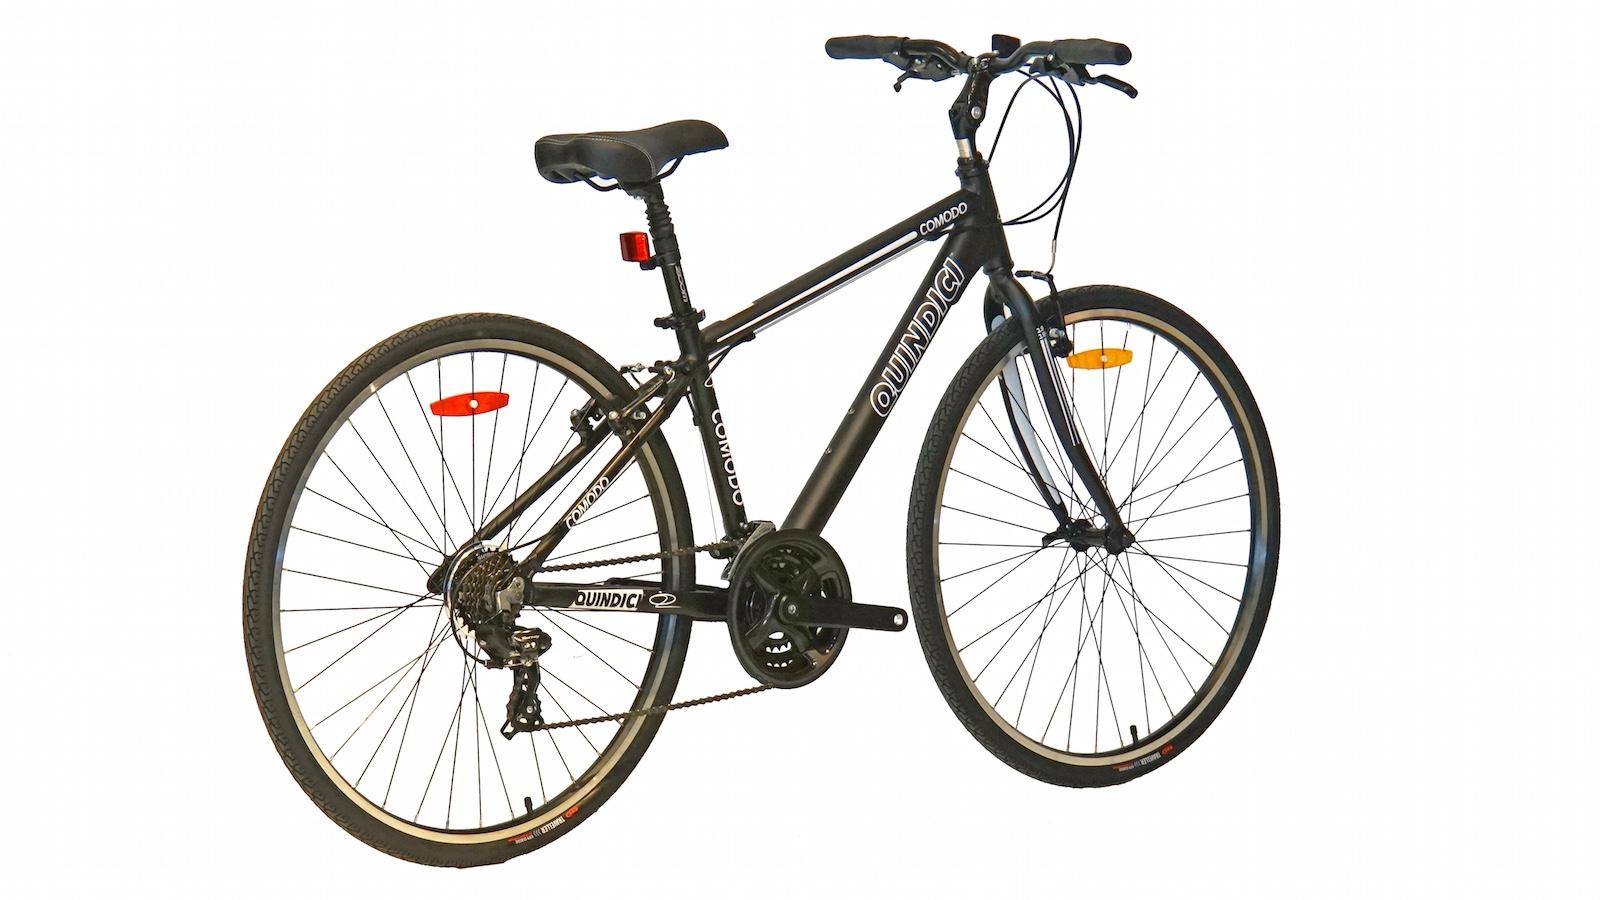 Jeu-concours // Gagnez un vélo hybride Quindici!